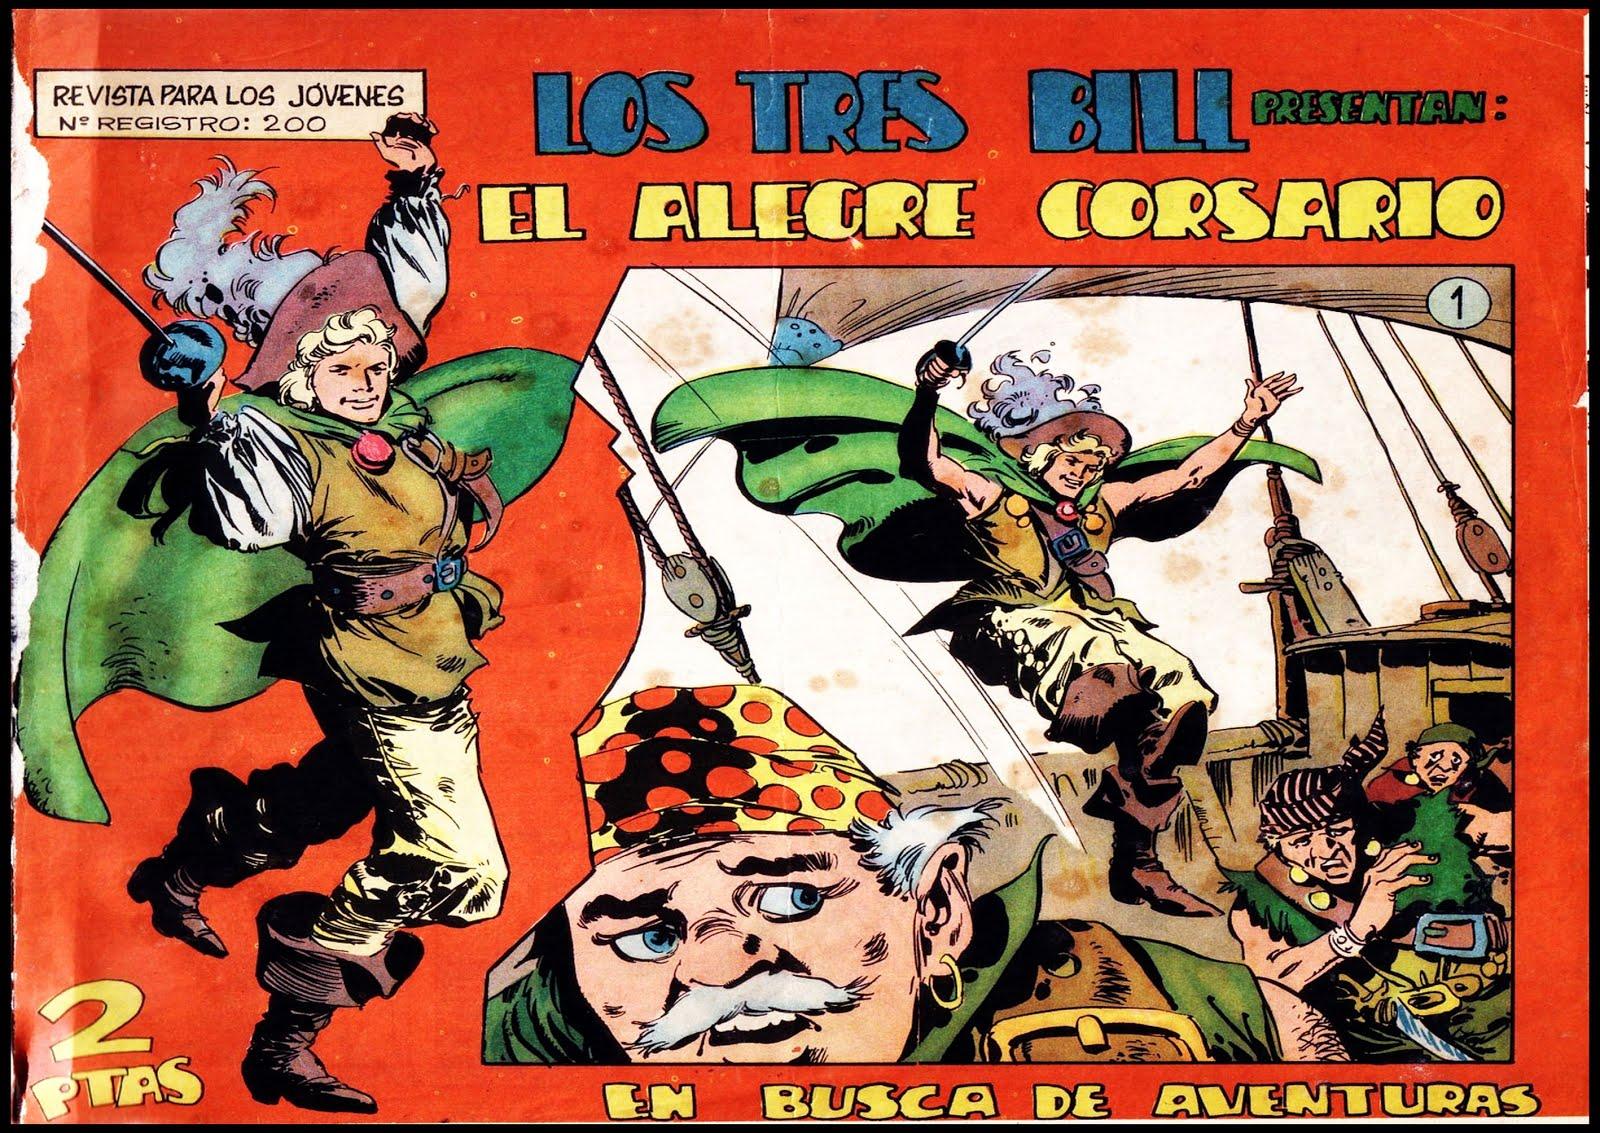 PRÓXIMAMENTE: EL ALEGRE CORSARIO (25 NÚMEROS)